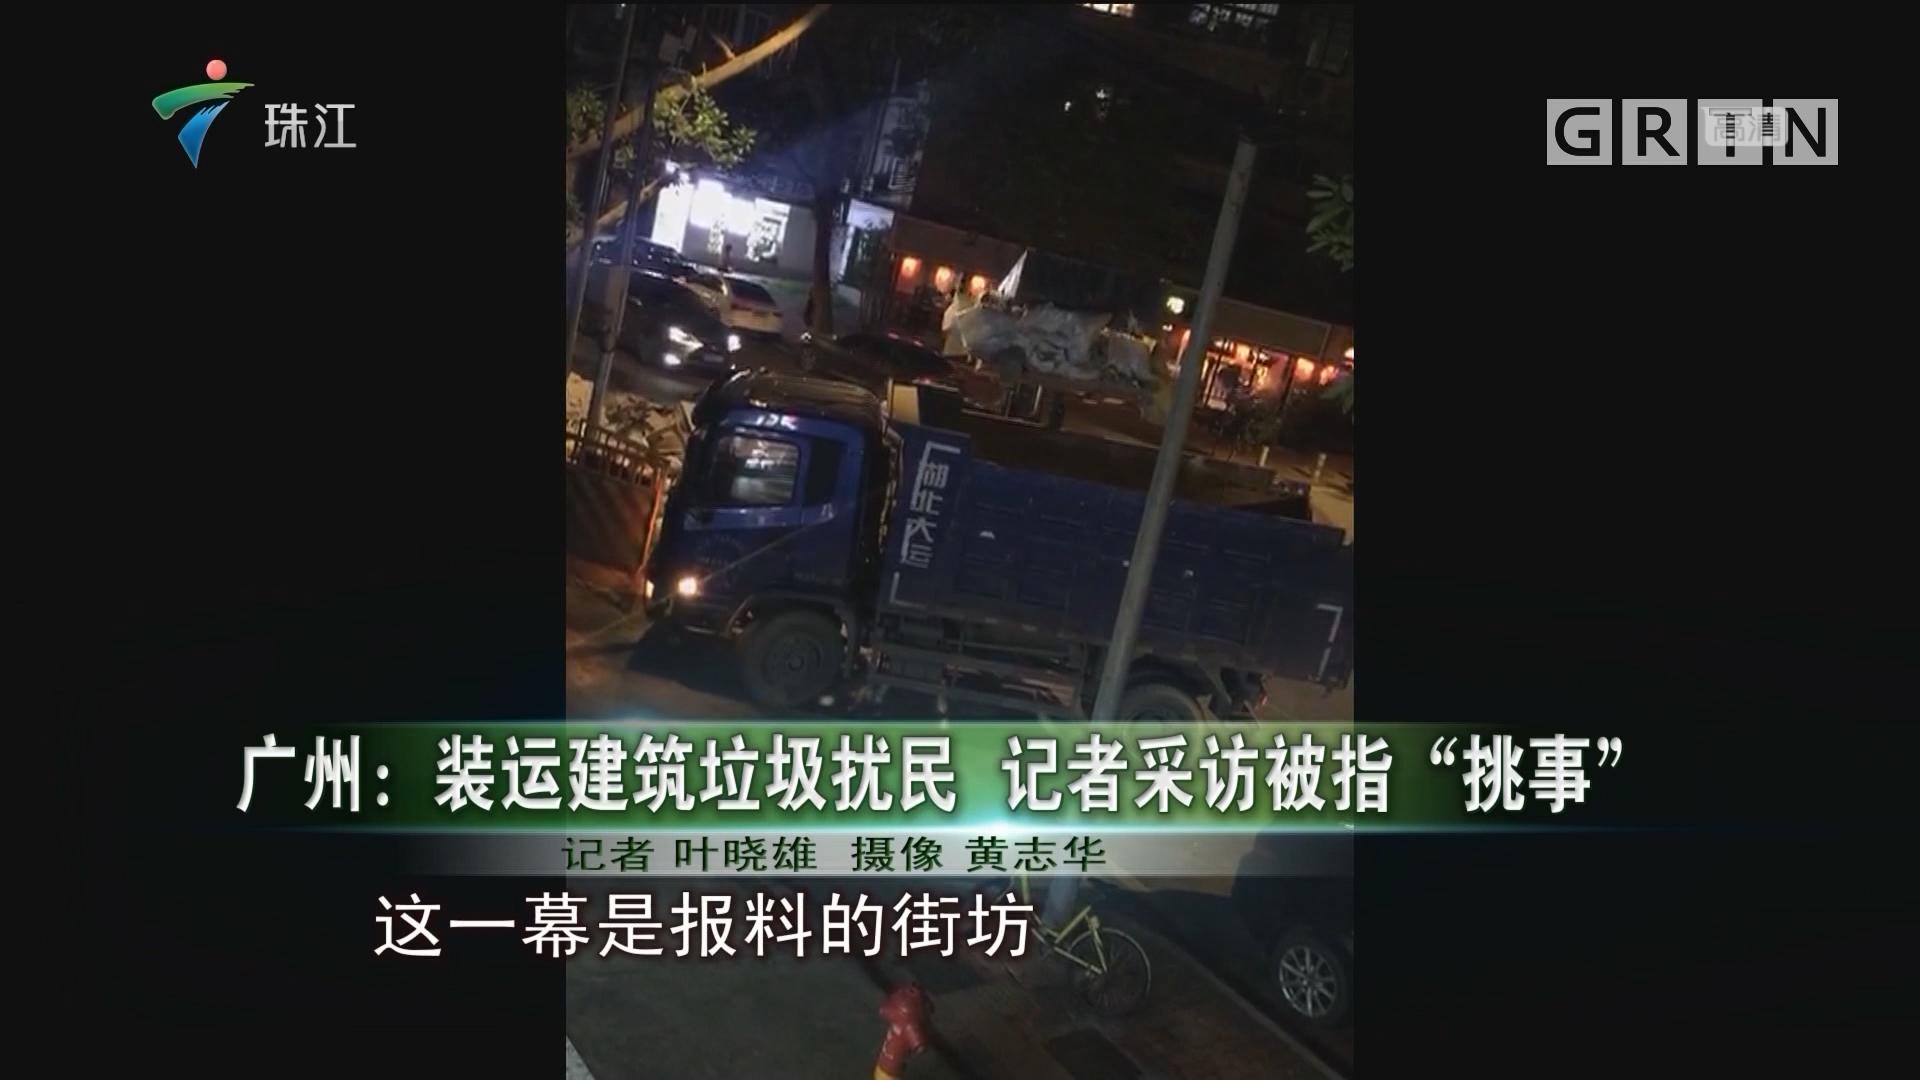 """广州:装运建筑垃圾扰民 记者采访被指""""挑事"""""""